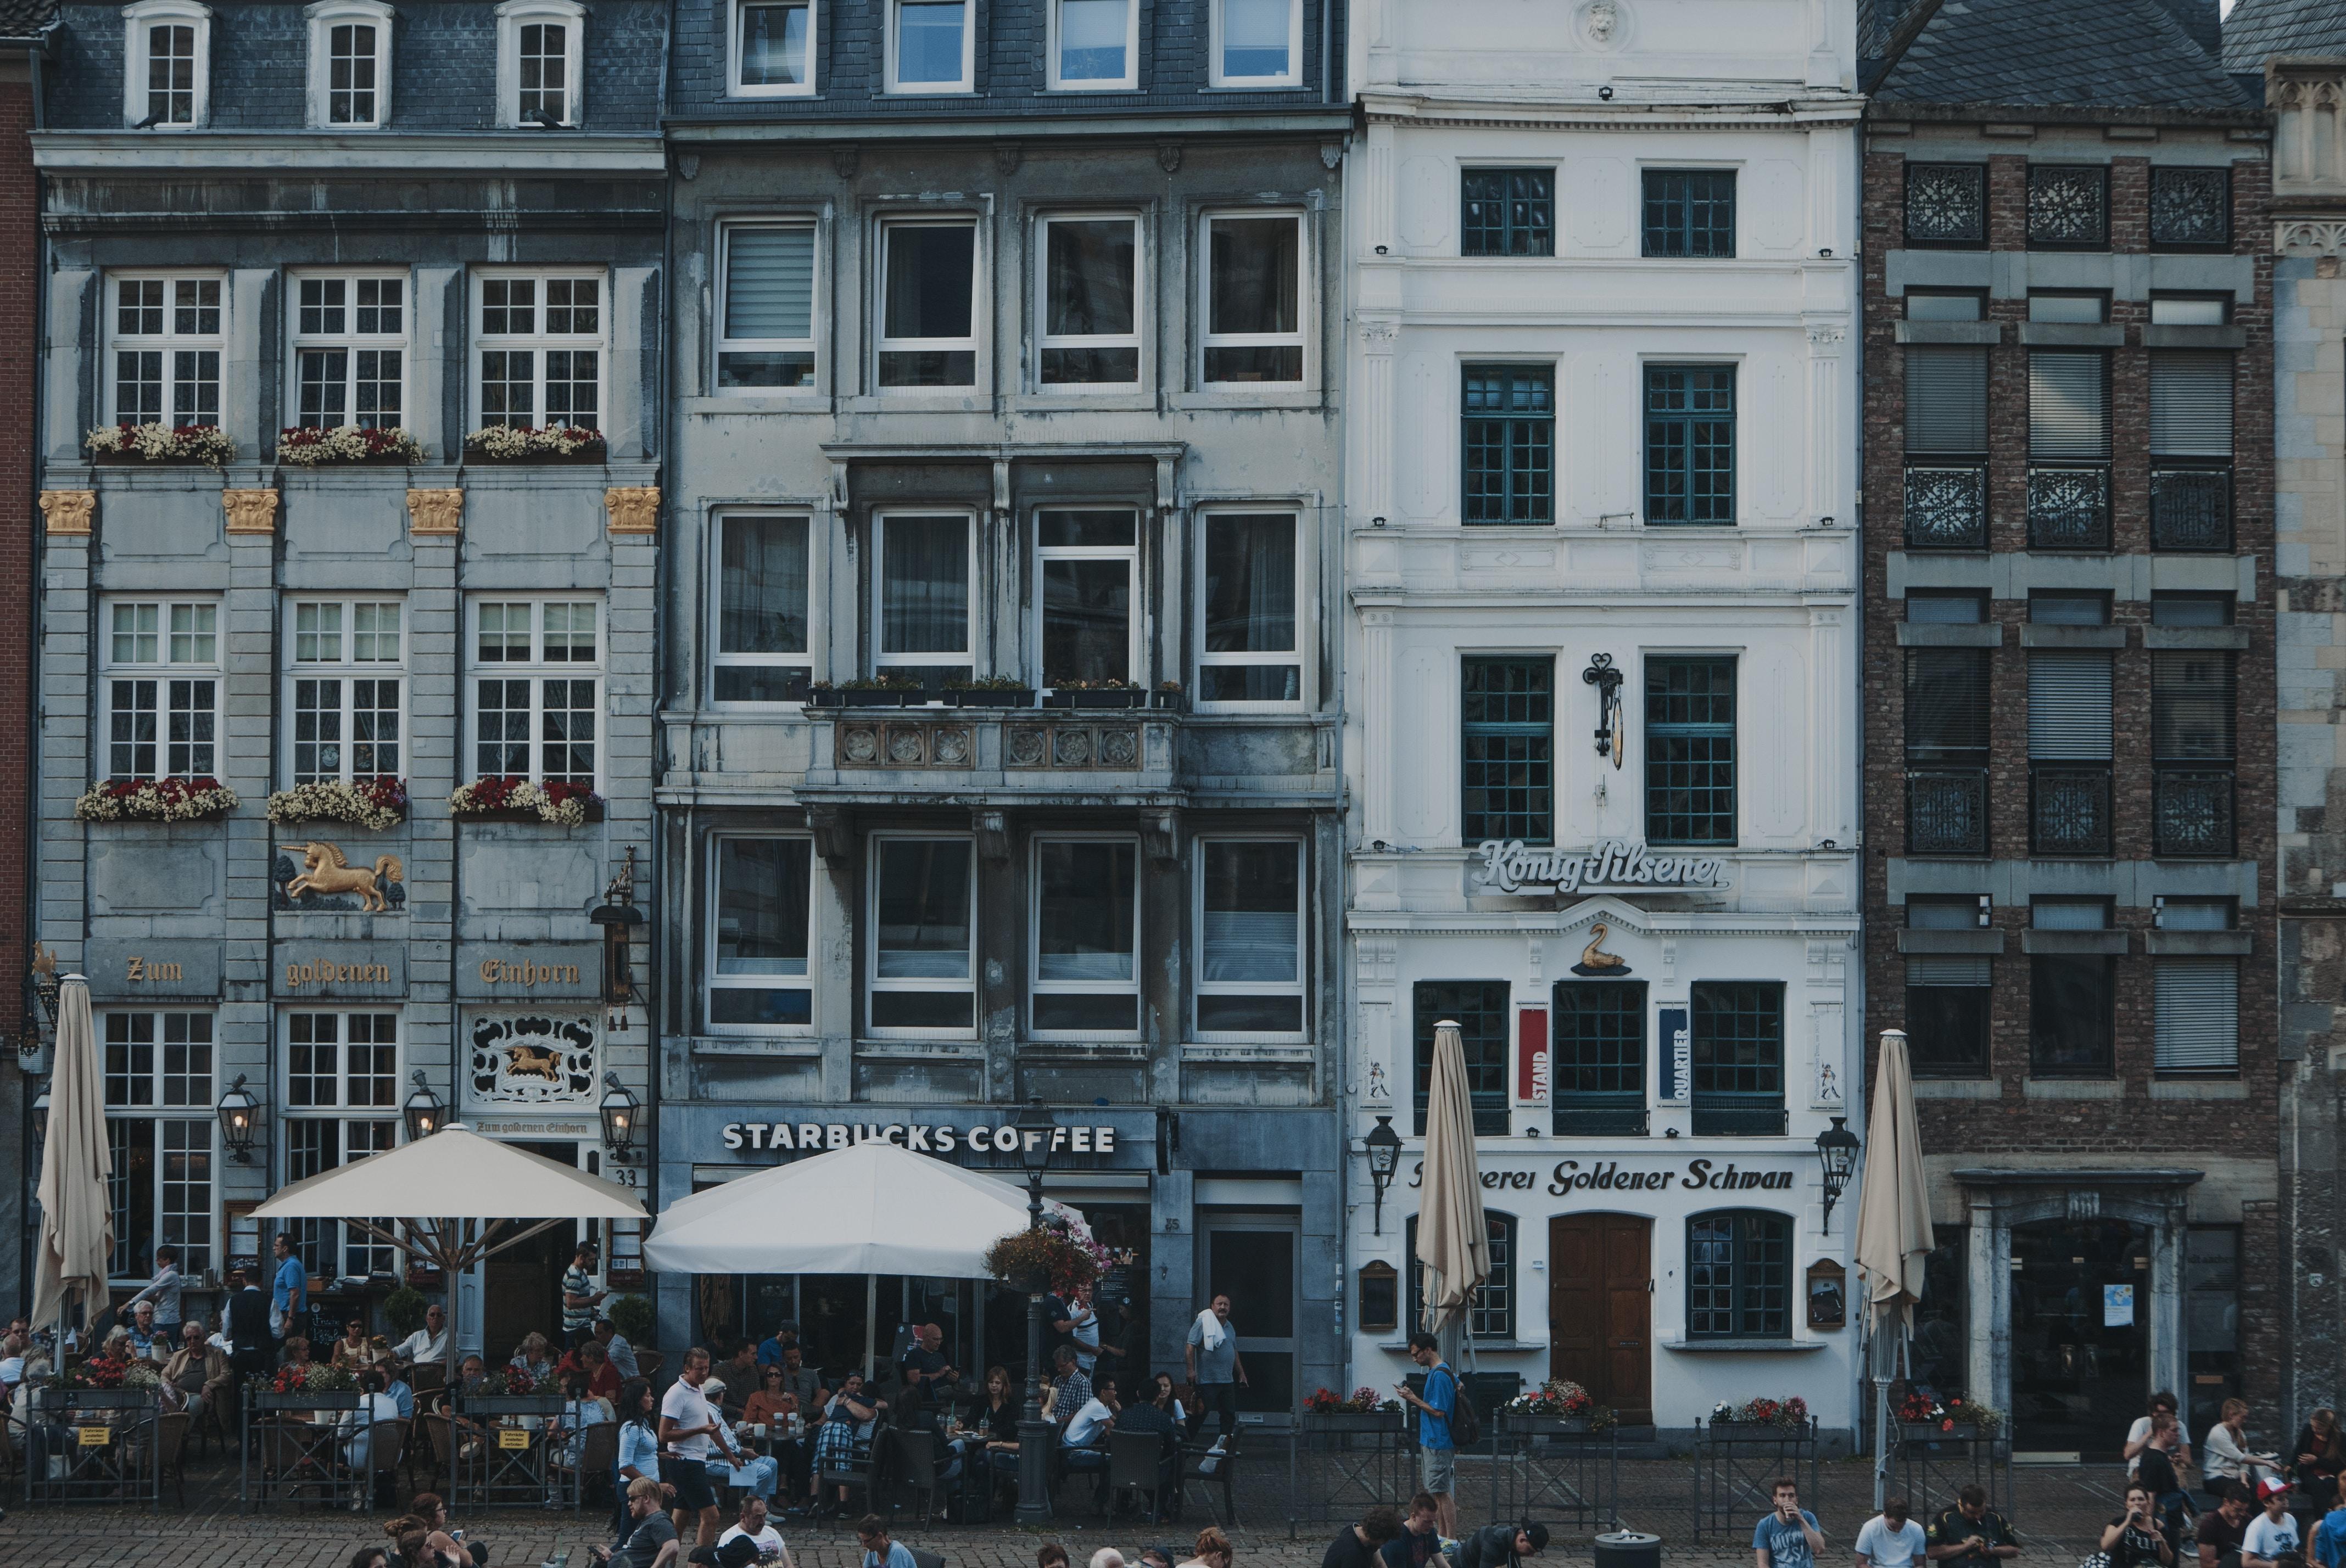 Liste der größten Bauunternehmen in Aachen